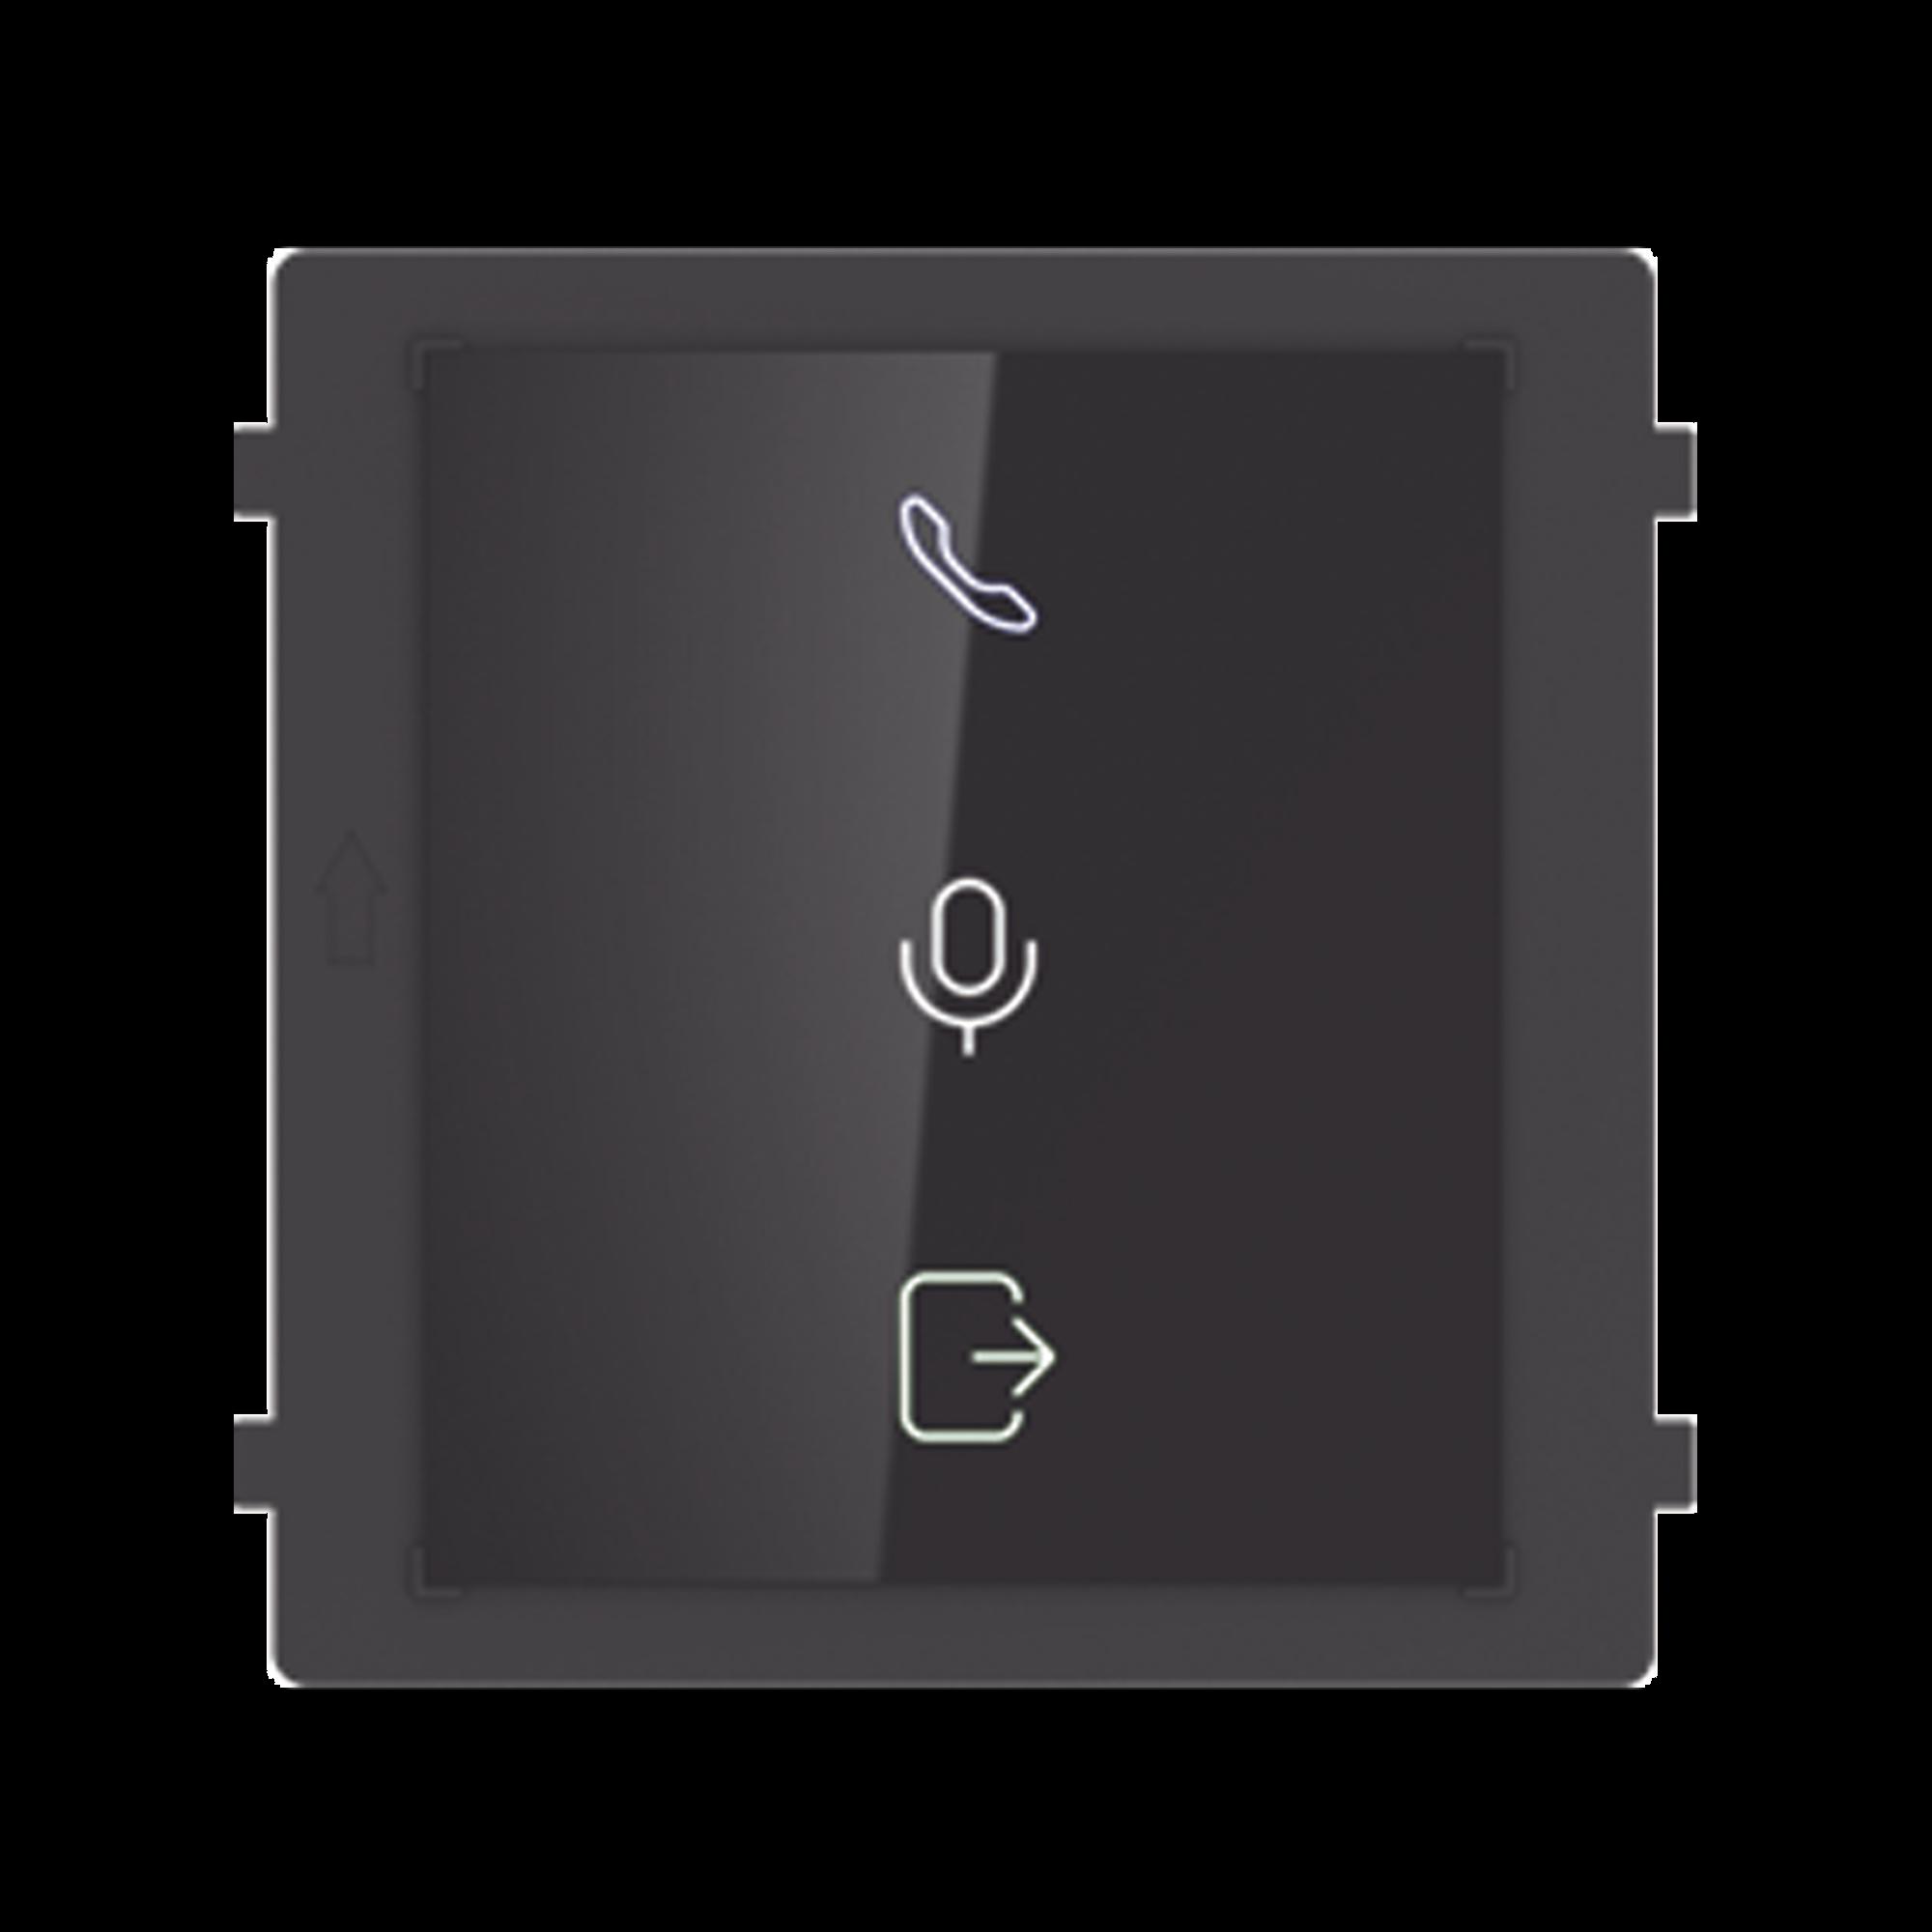 Modulo para Indicar Recepcion de Llamada / Apertura de Puerta o Audio Bidireccional en Videoportero IP Modular